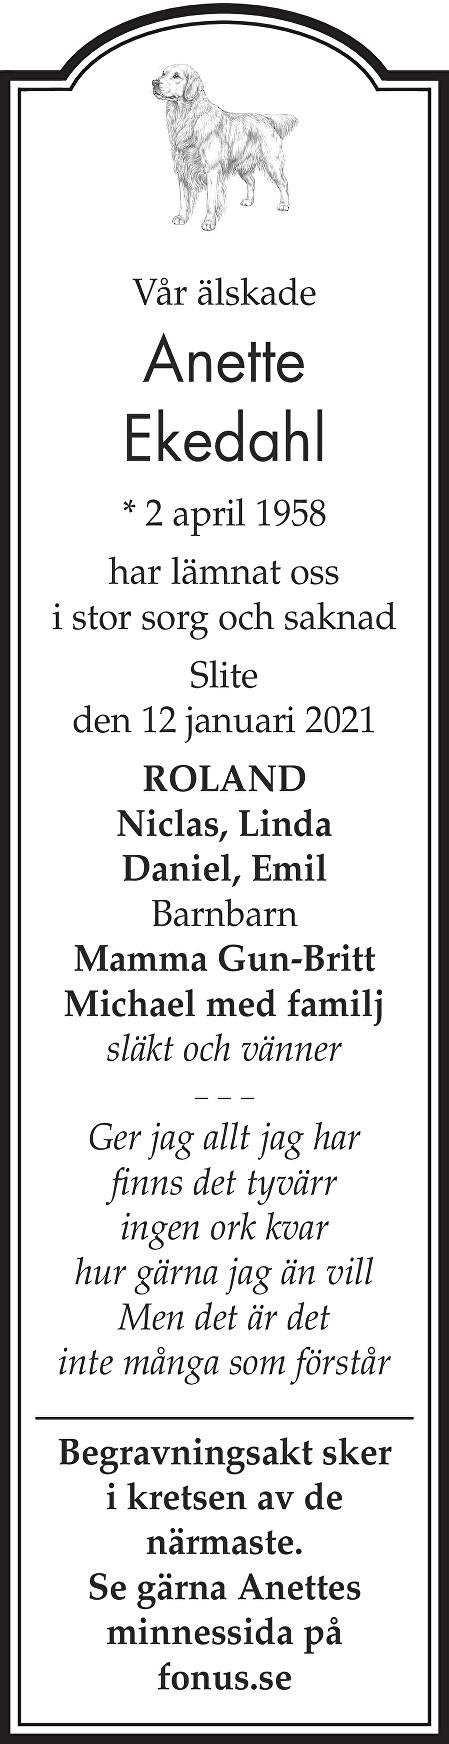 Anette Ekedahl Death notice